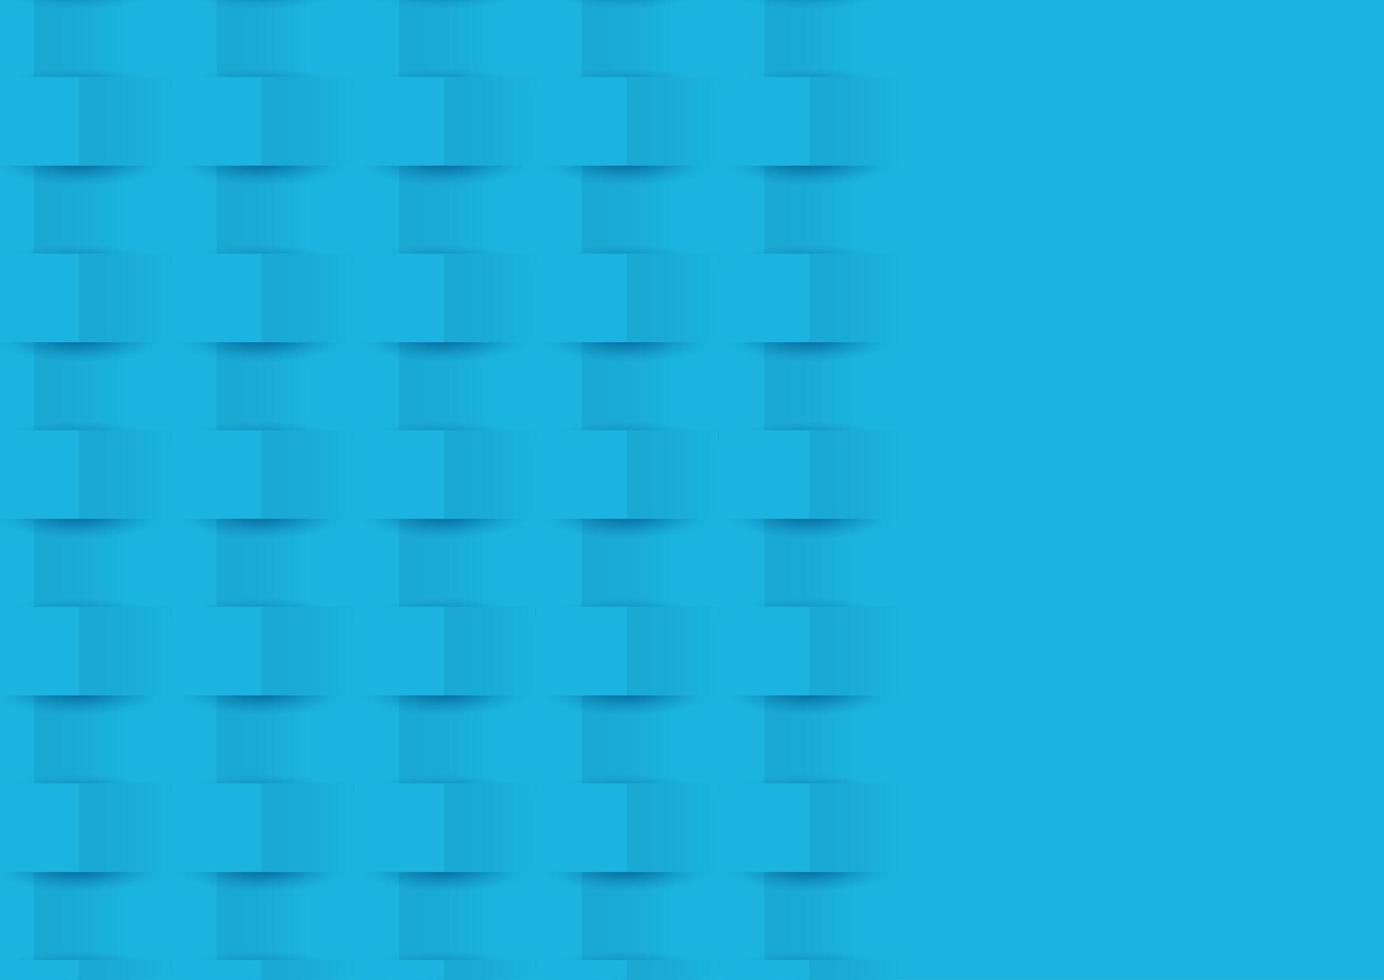 abstracte blauwe pop-upachtergrond vector